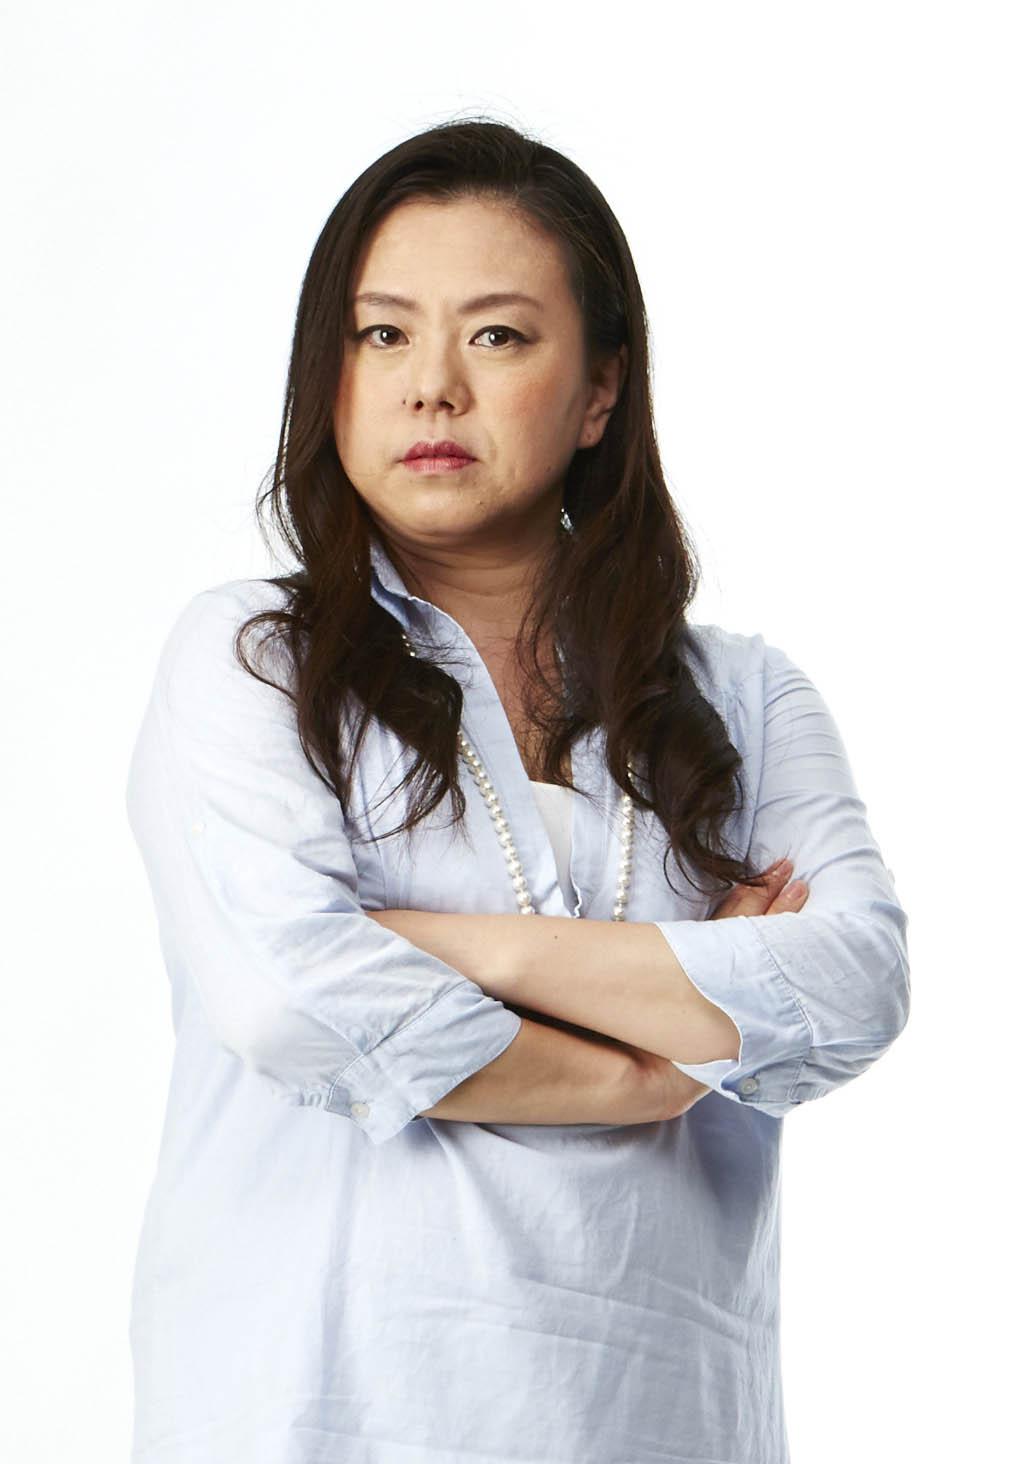 fujimakimama02